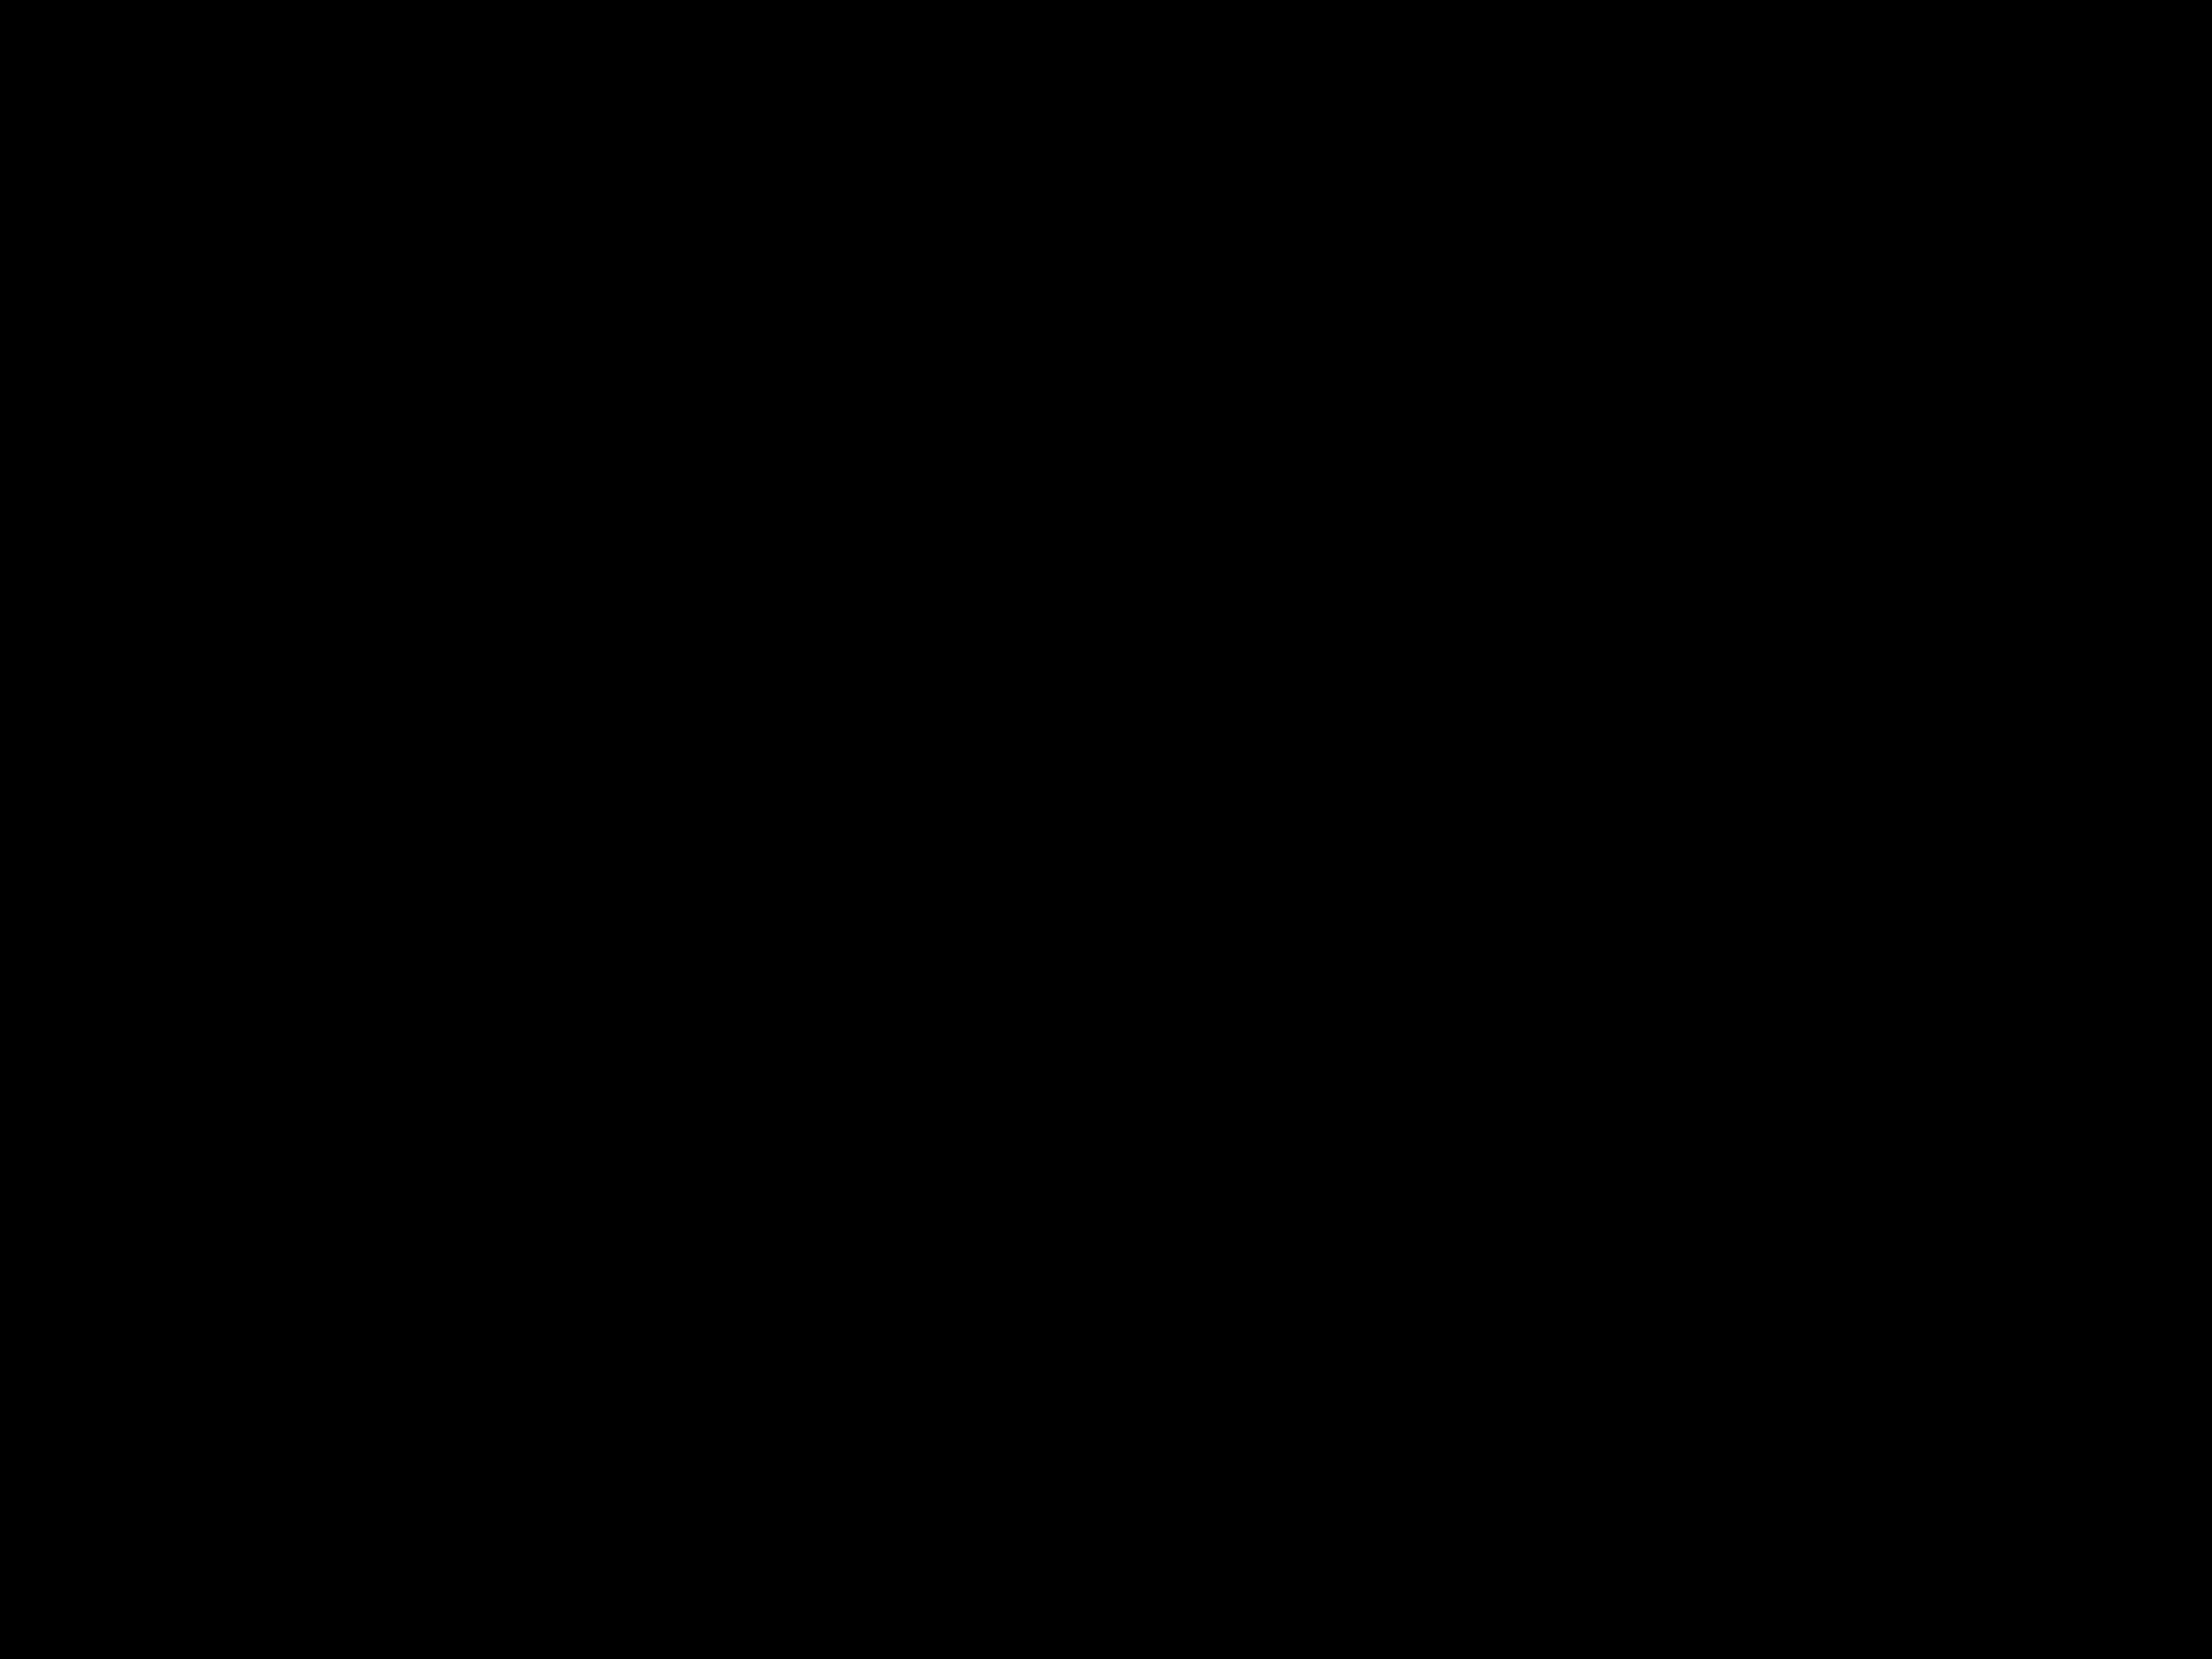 Tolle Schildkröte Malvorlagen Zeitgenössisch - Beispiel ...